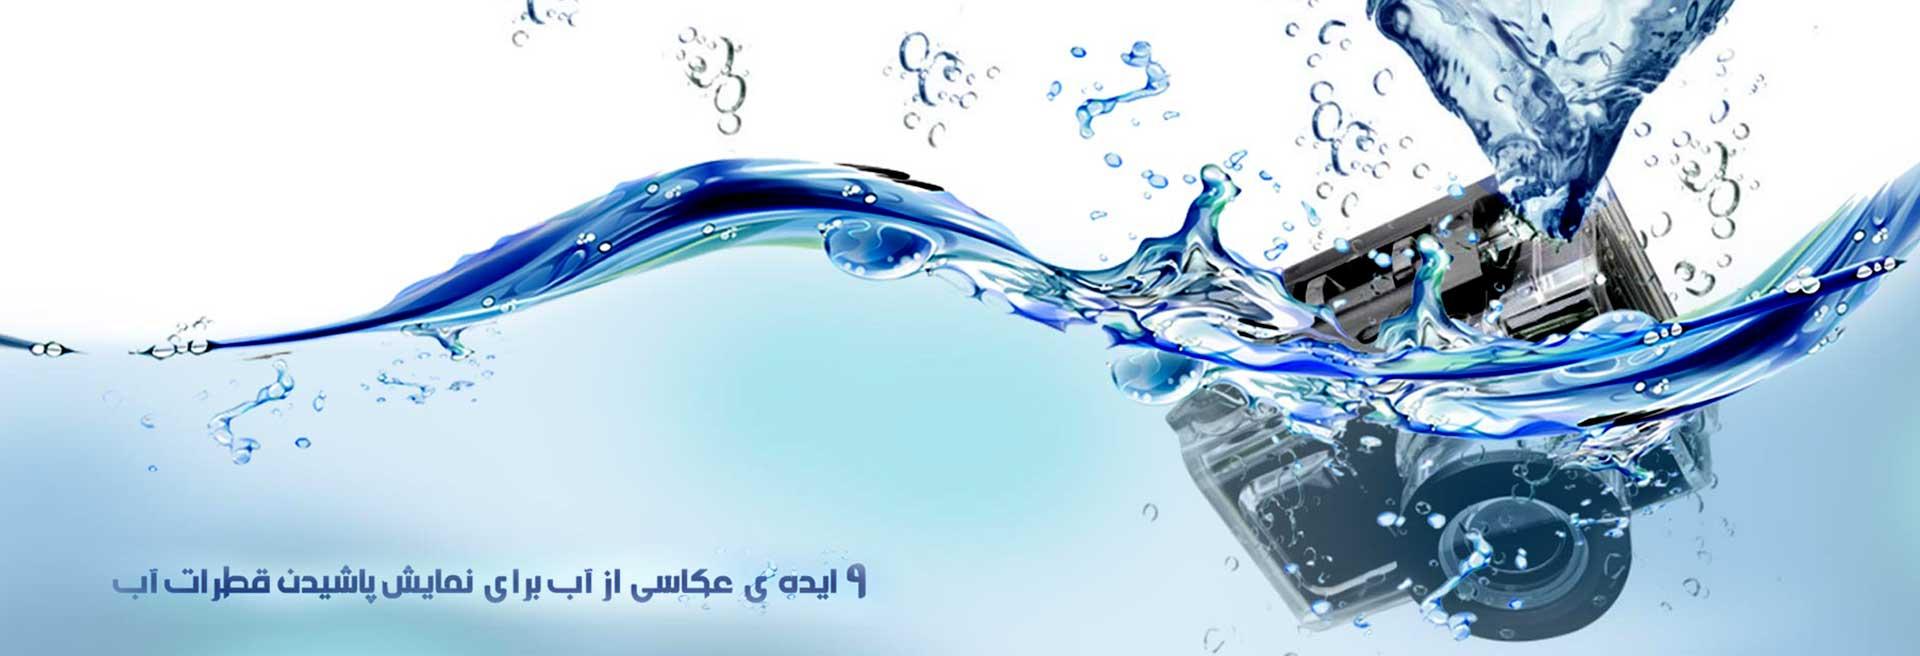 Water photographys 211s - 9 ایده ی عکاسی از آب برای نمایش پاشیدن قطرات آب